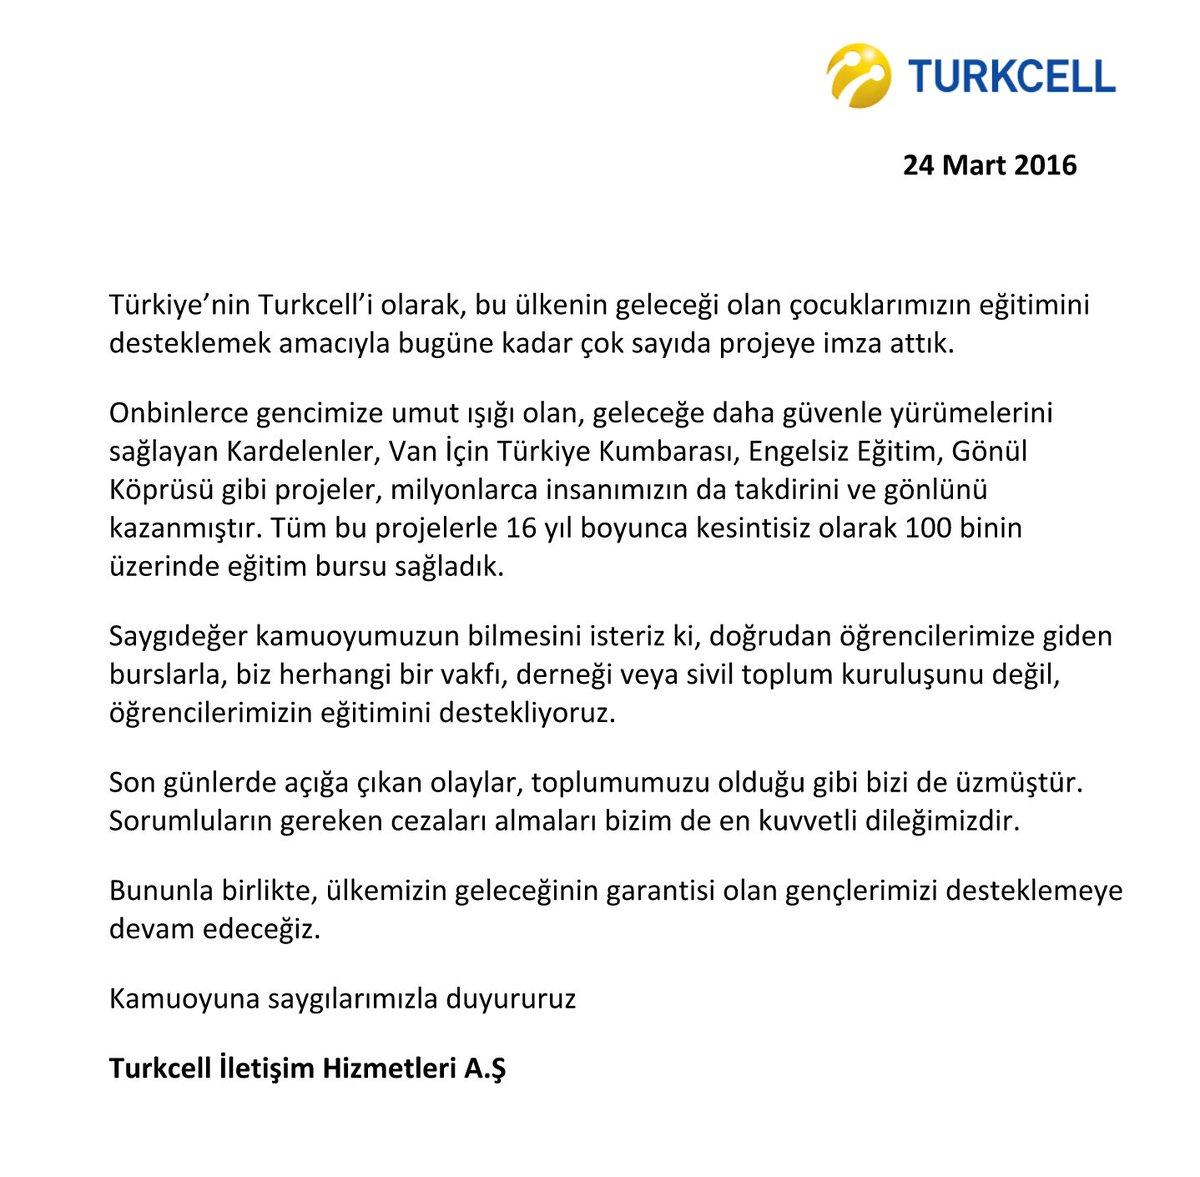 Turkcell'in içinde Ensar kelimesi geçmeyen Ensar Vakfı açıklaması. https://t.co/dlxEHSwVFX